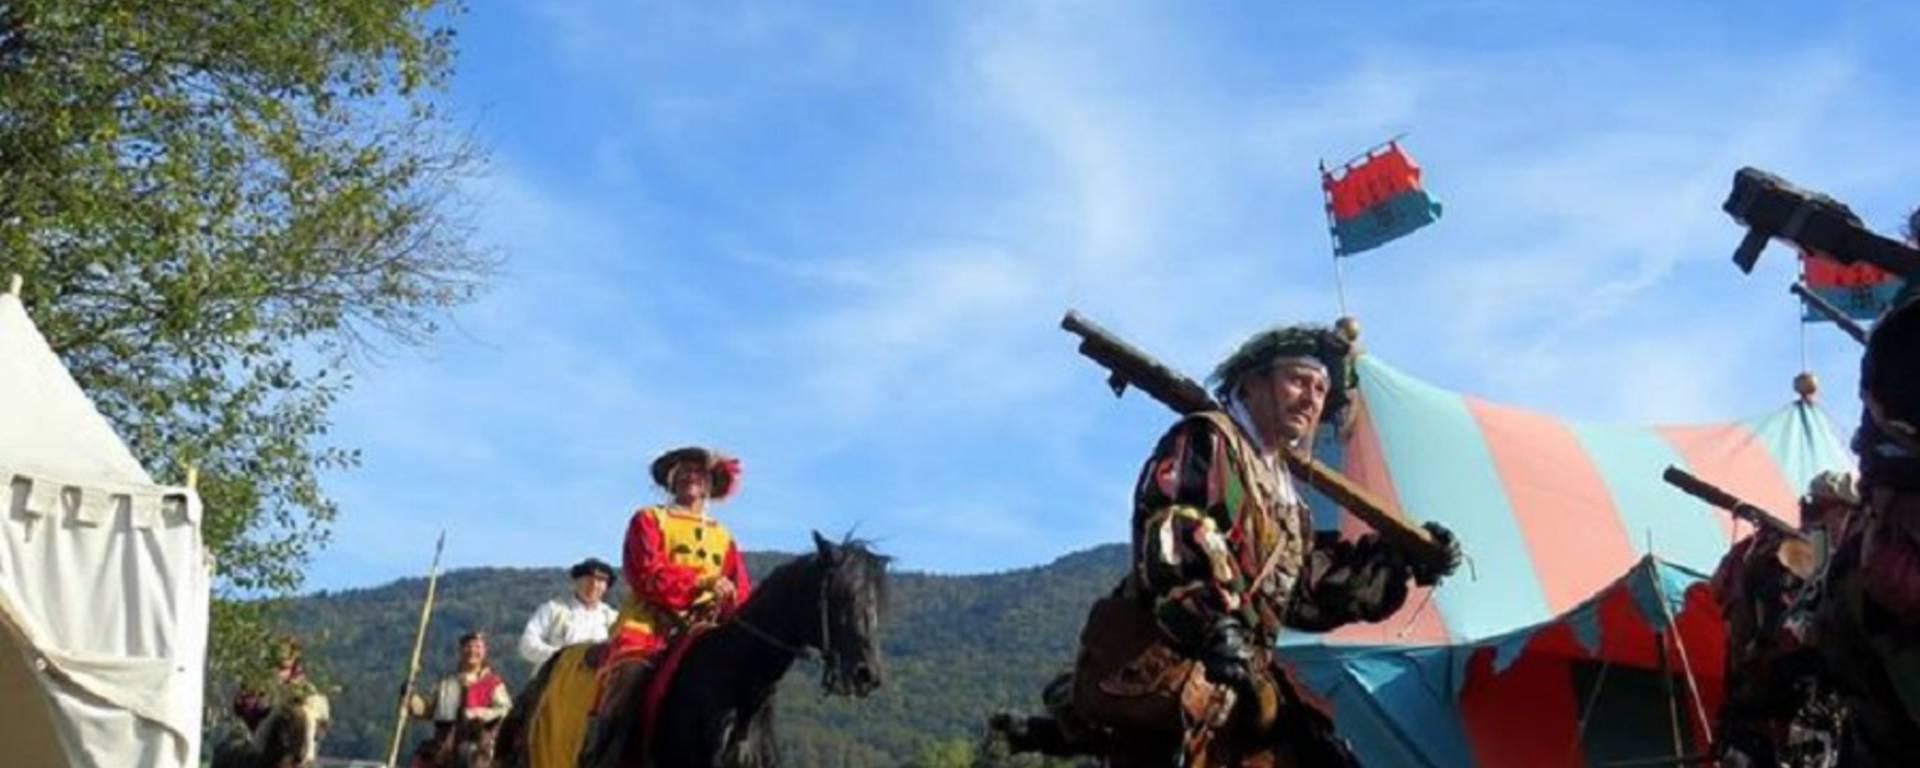 Ricostituzione della battaglia di Marignano al Clos Lucé. © DR